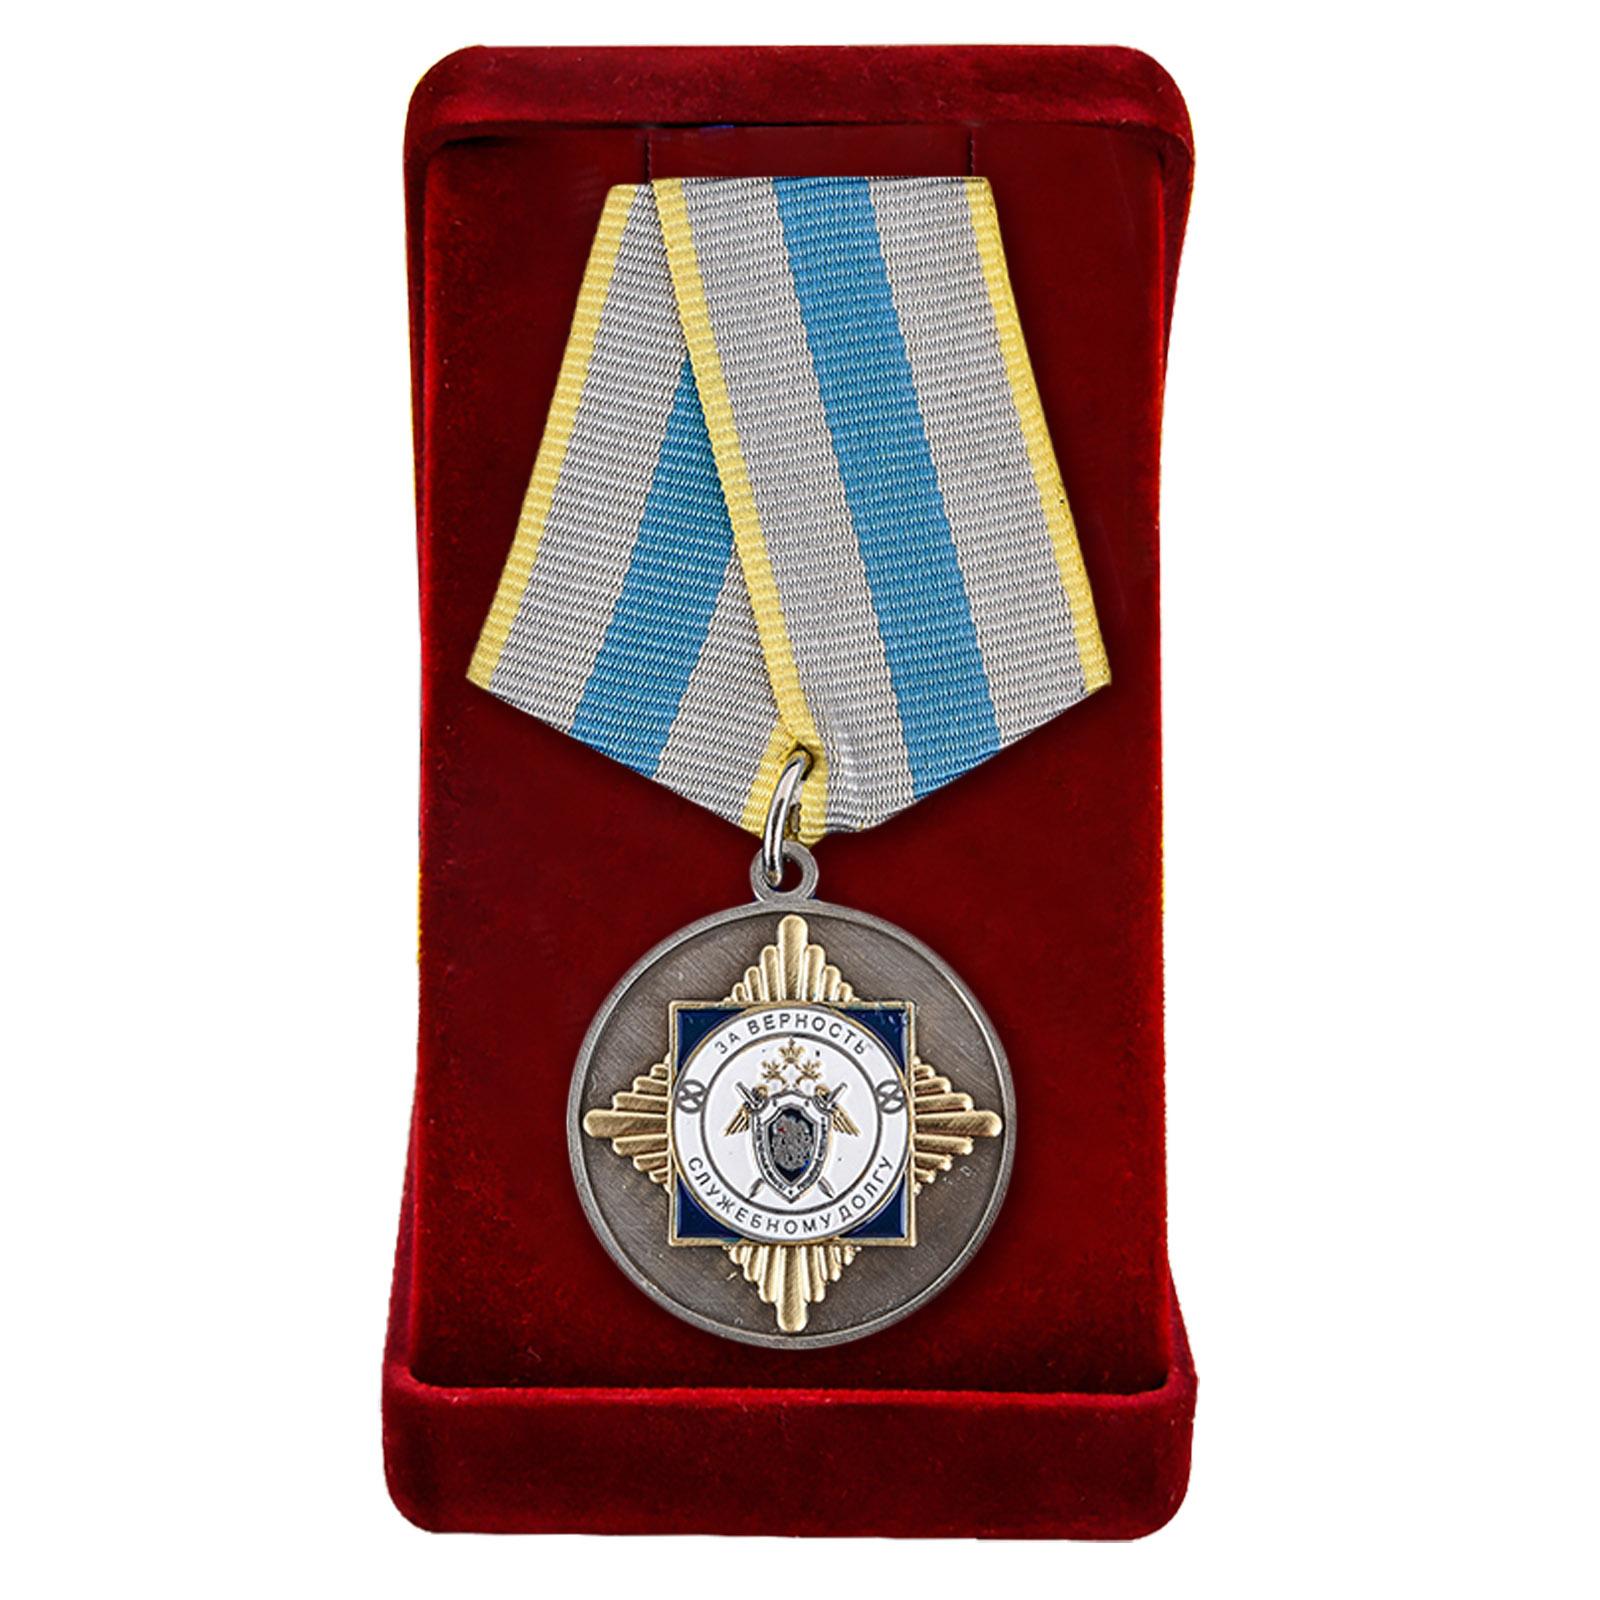 Купить медаль СК России За верность служебному долгу оптом выгодно